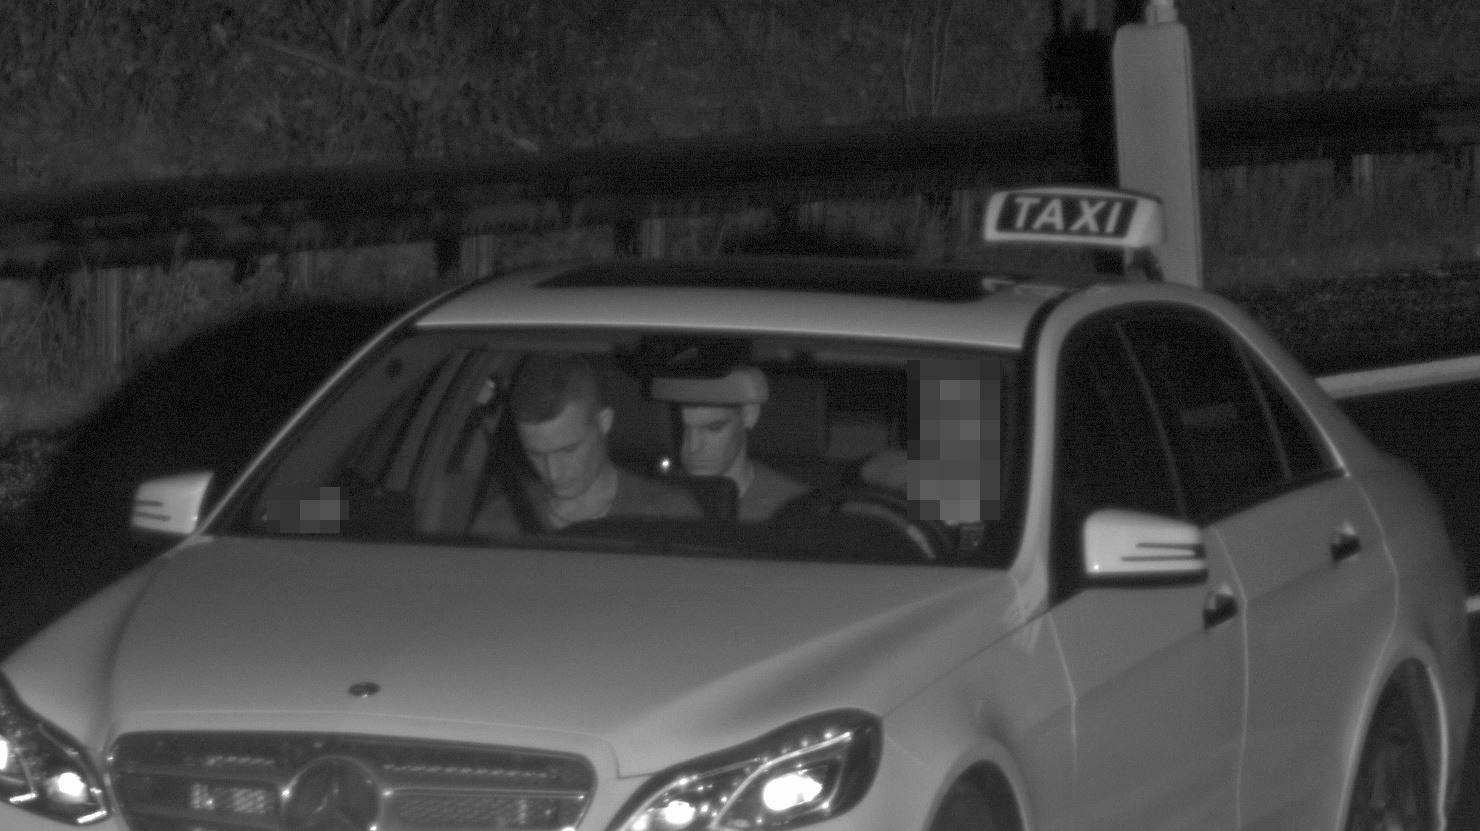 Geprellter Taxi-Fahrer geblitzt (Foto: OTS)